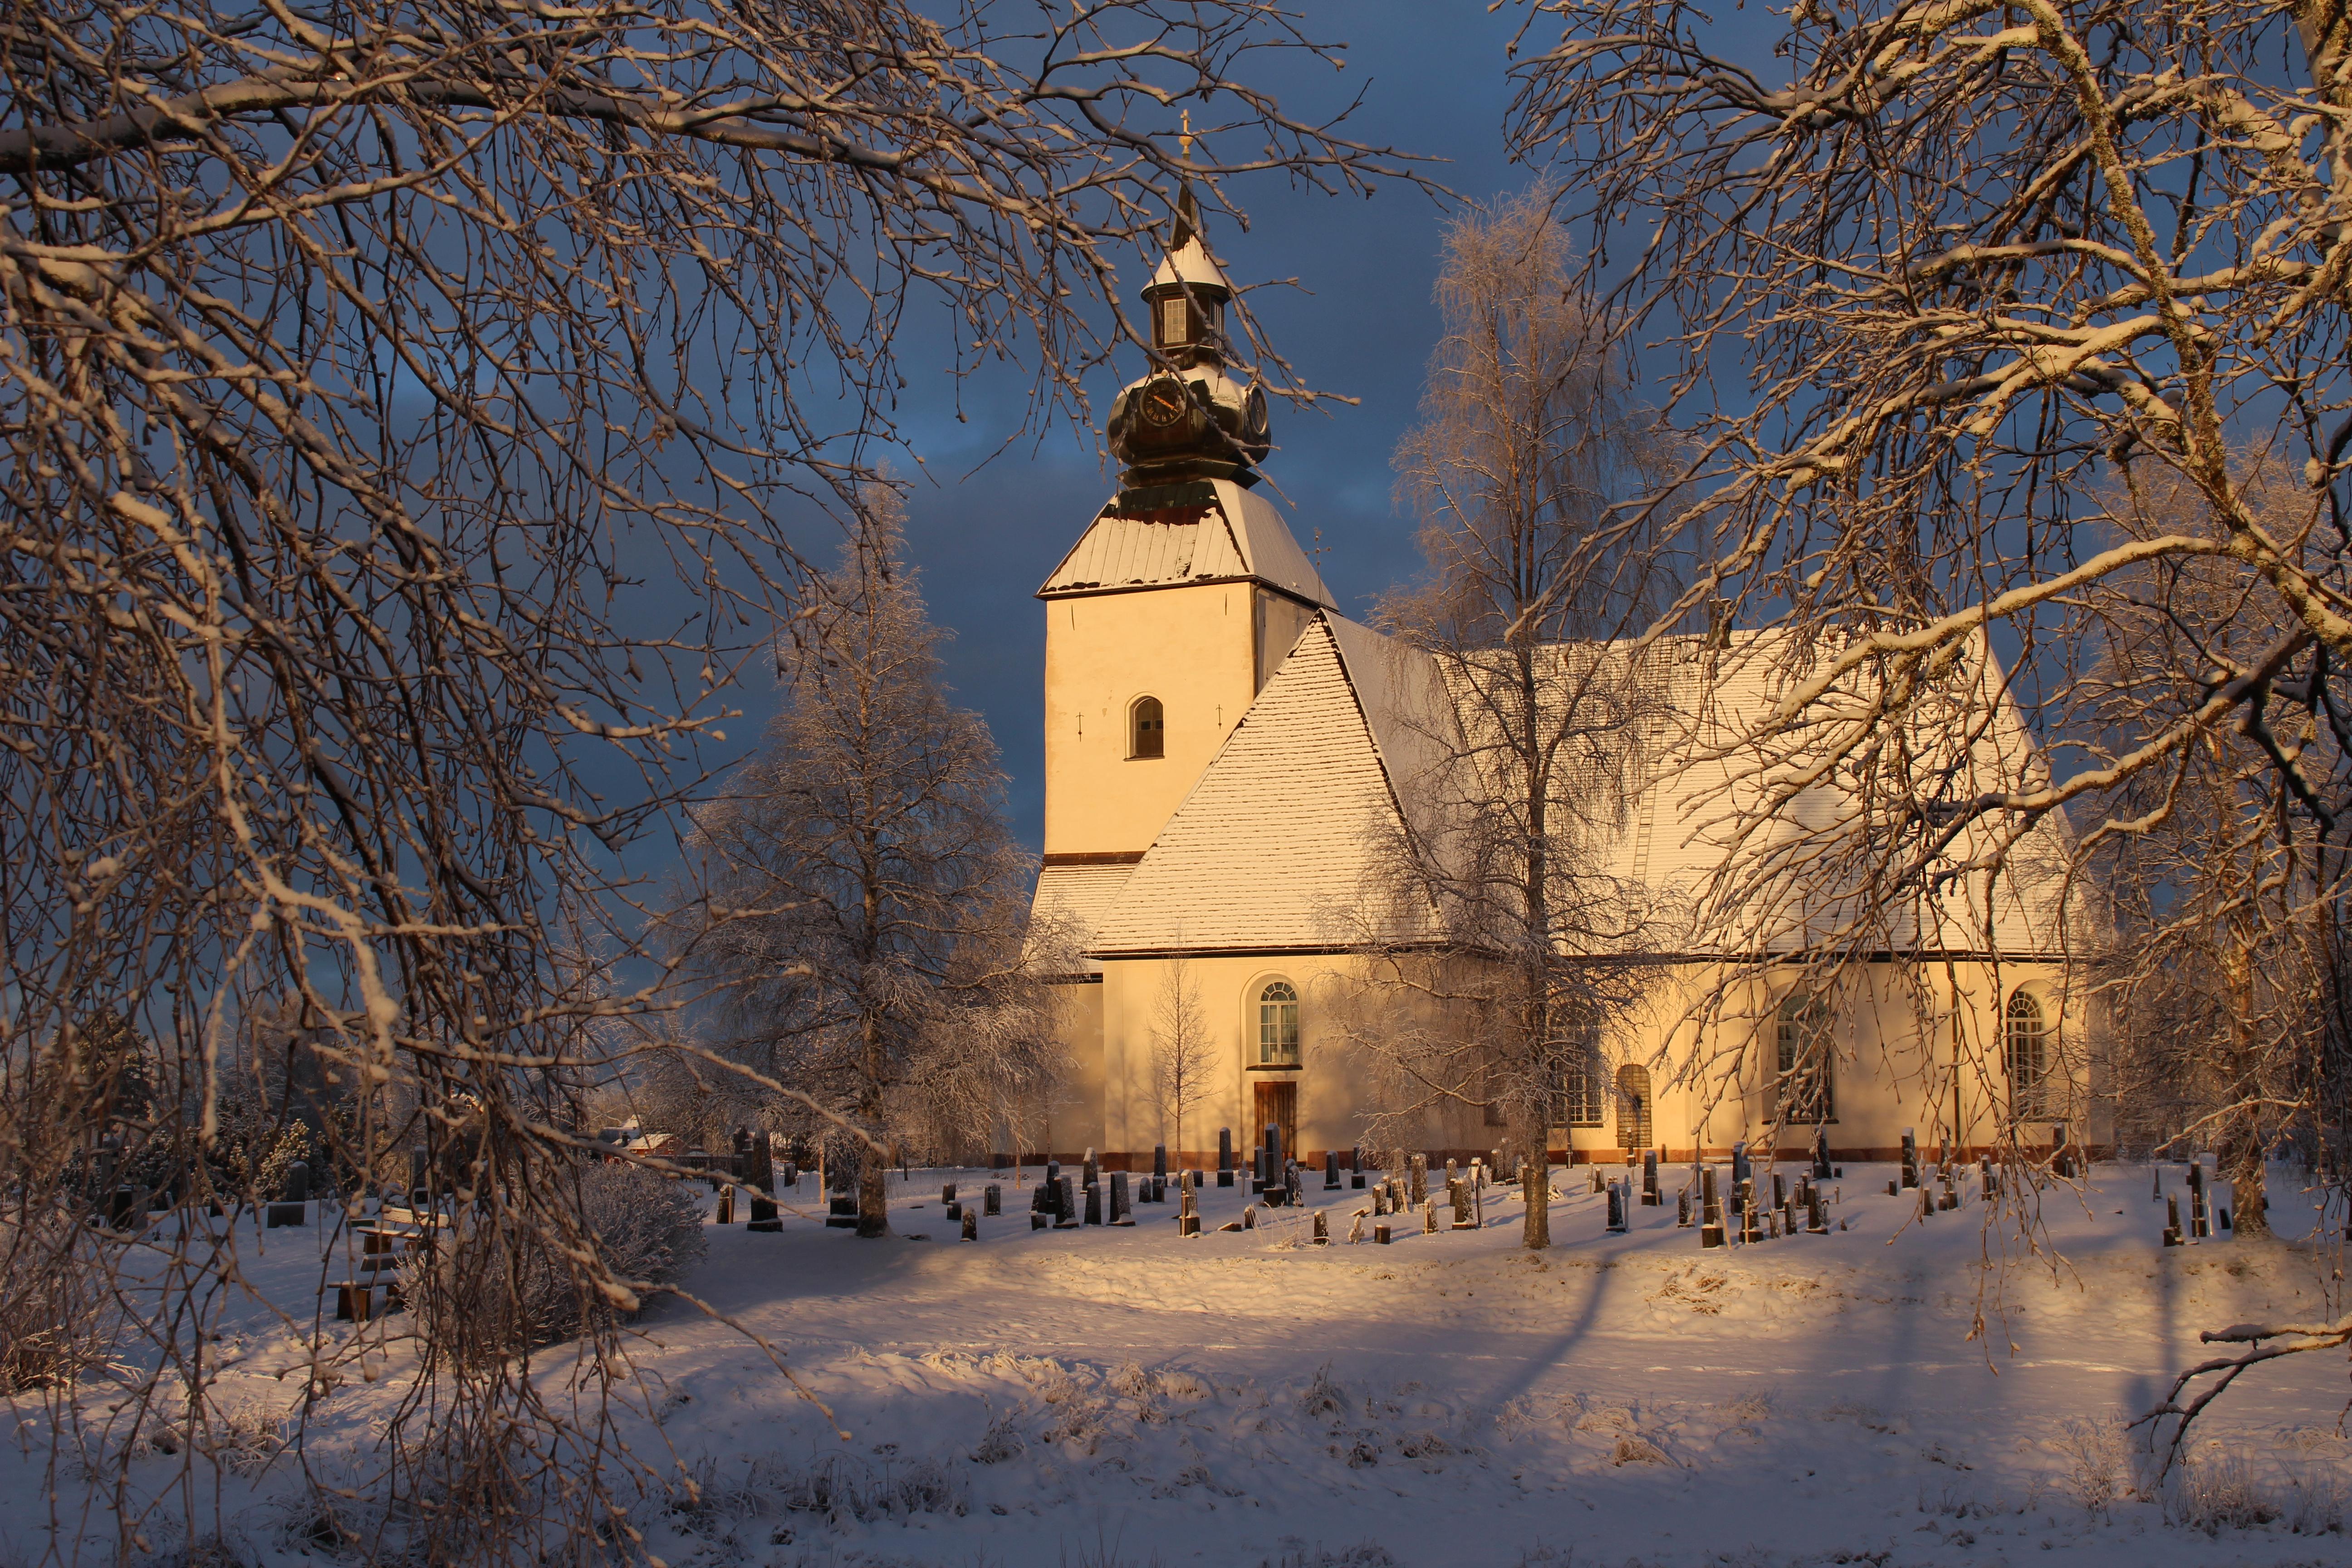 Malungs kyrka byggd 1365